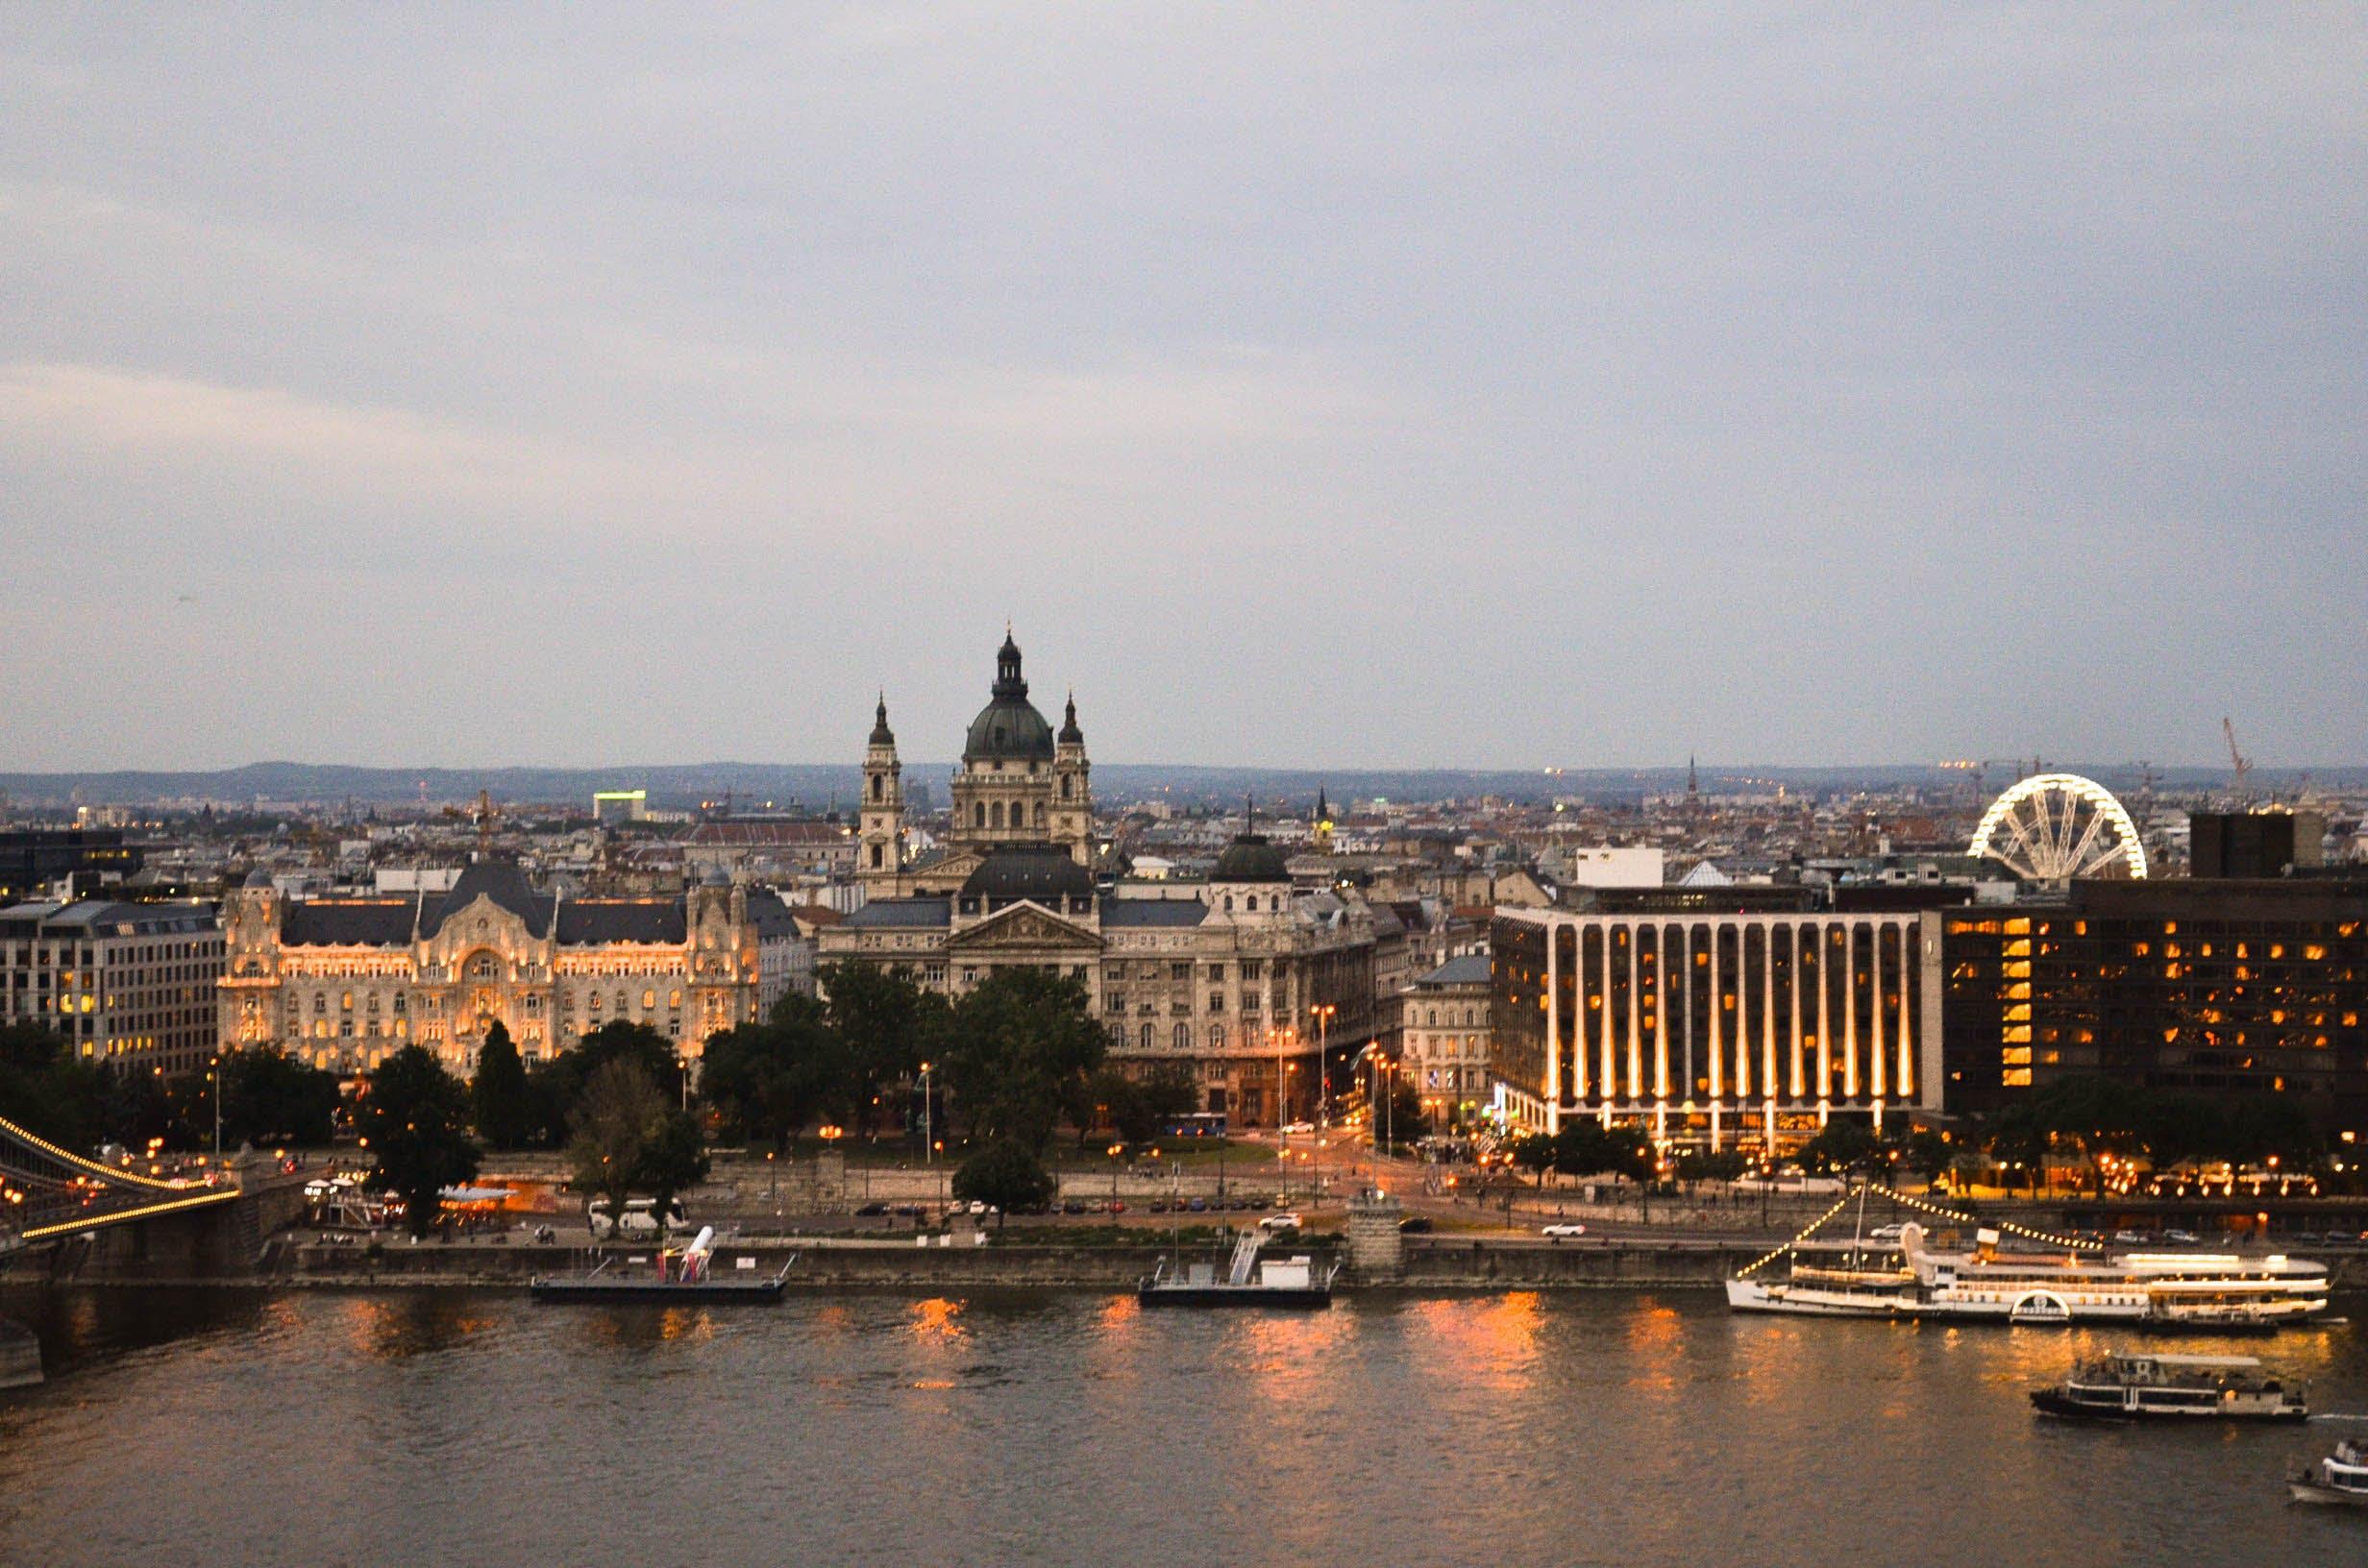 Free stock photo of Budapest, city, dusk, night city